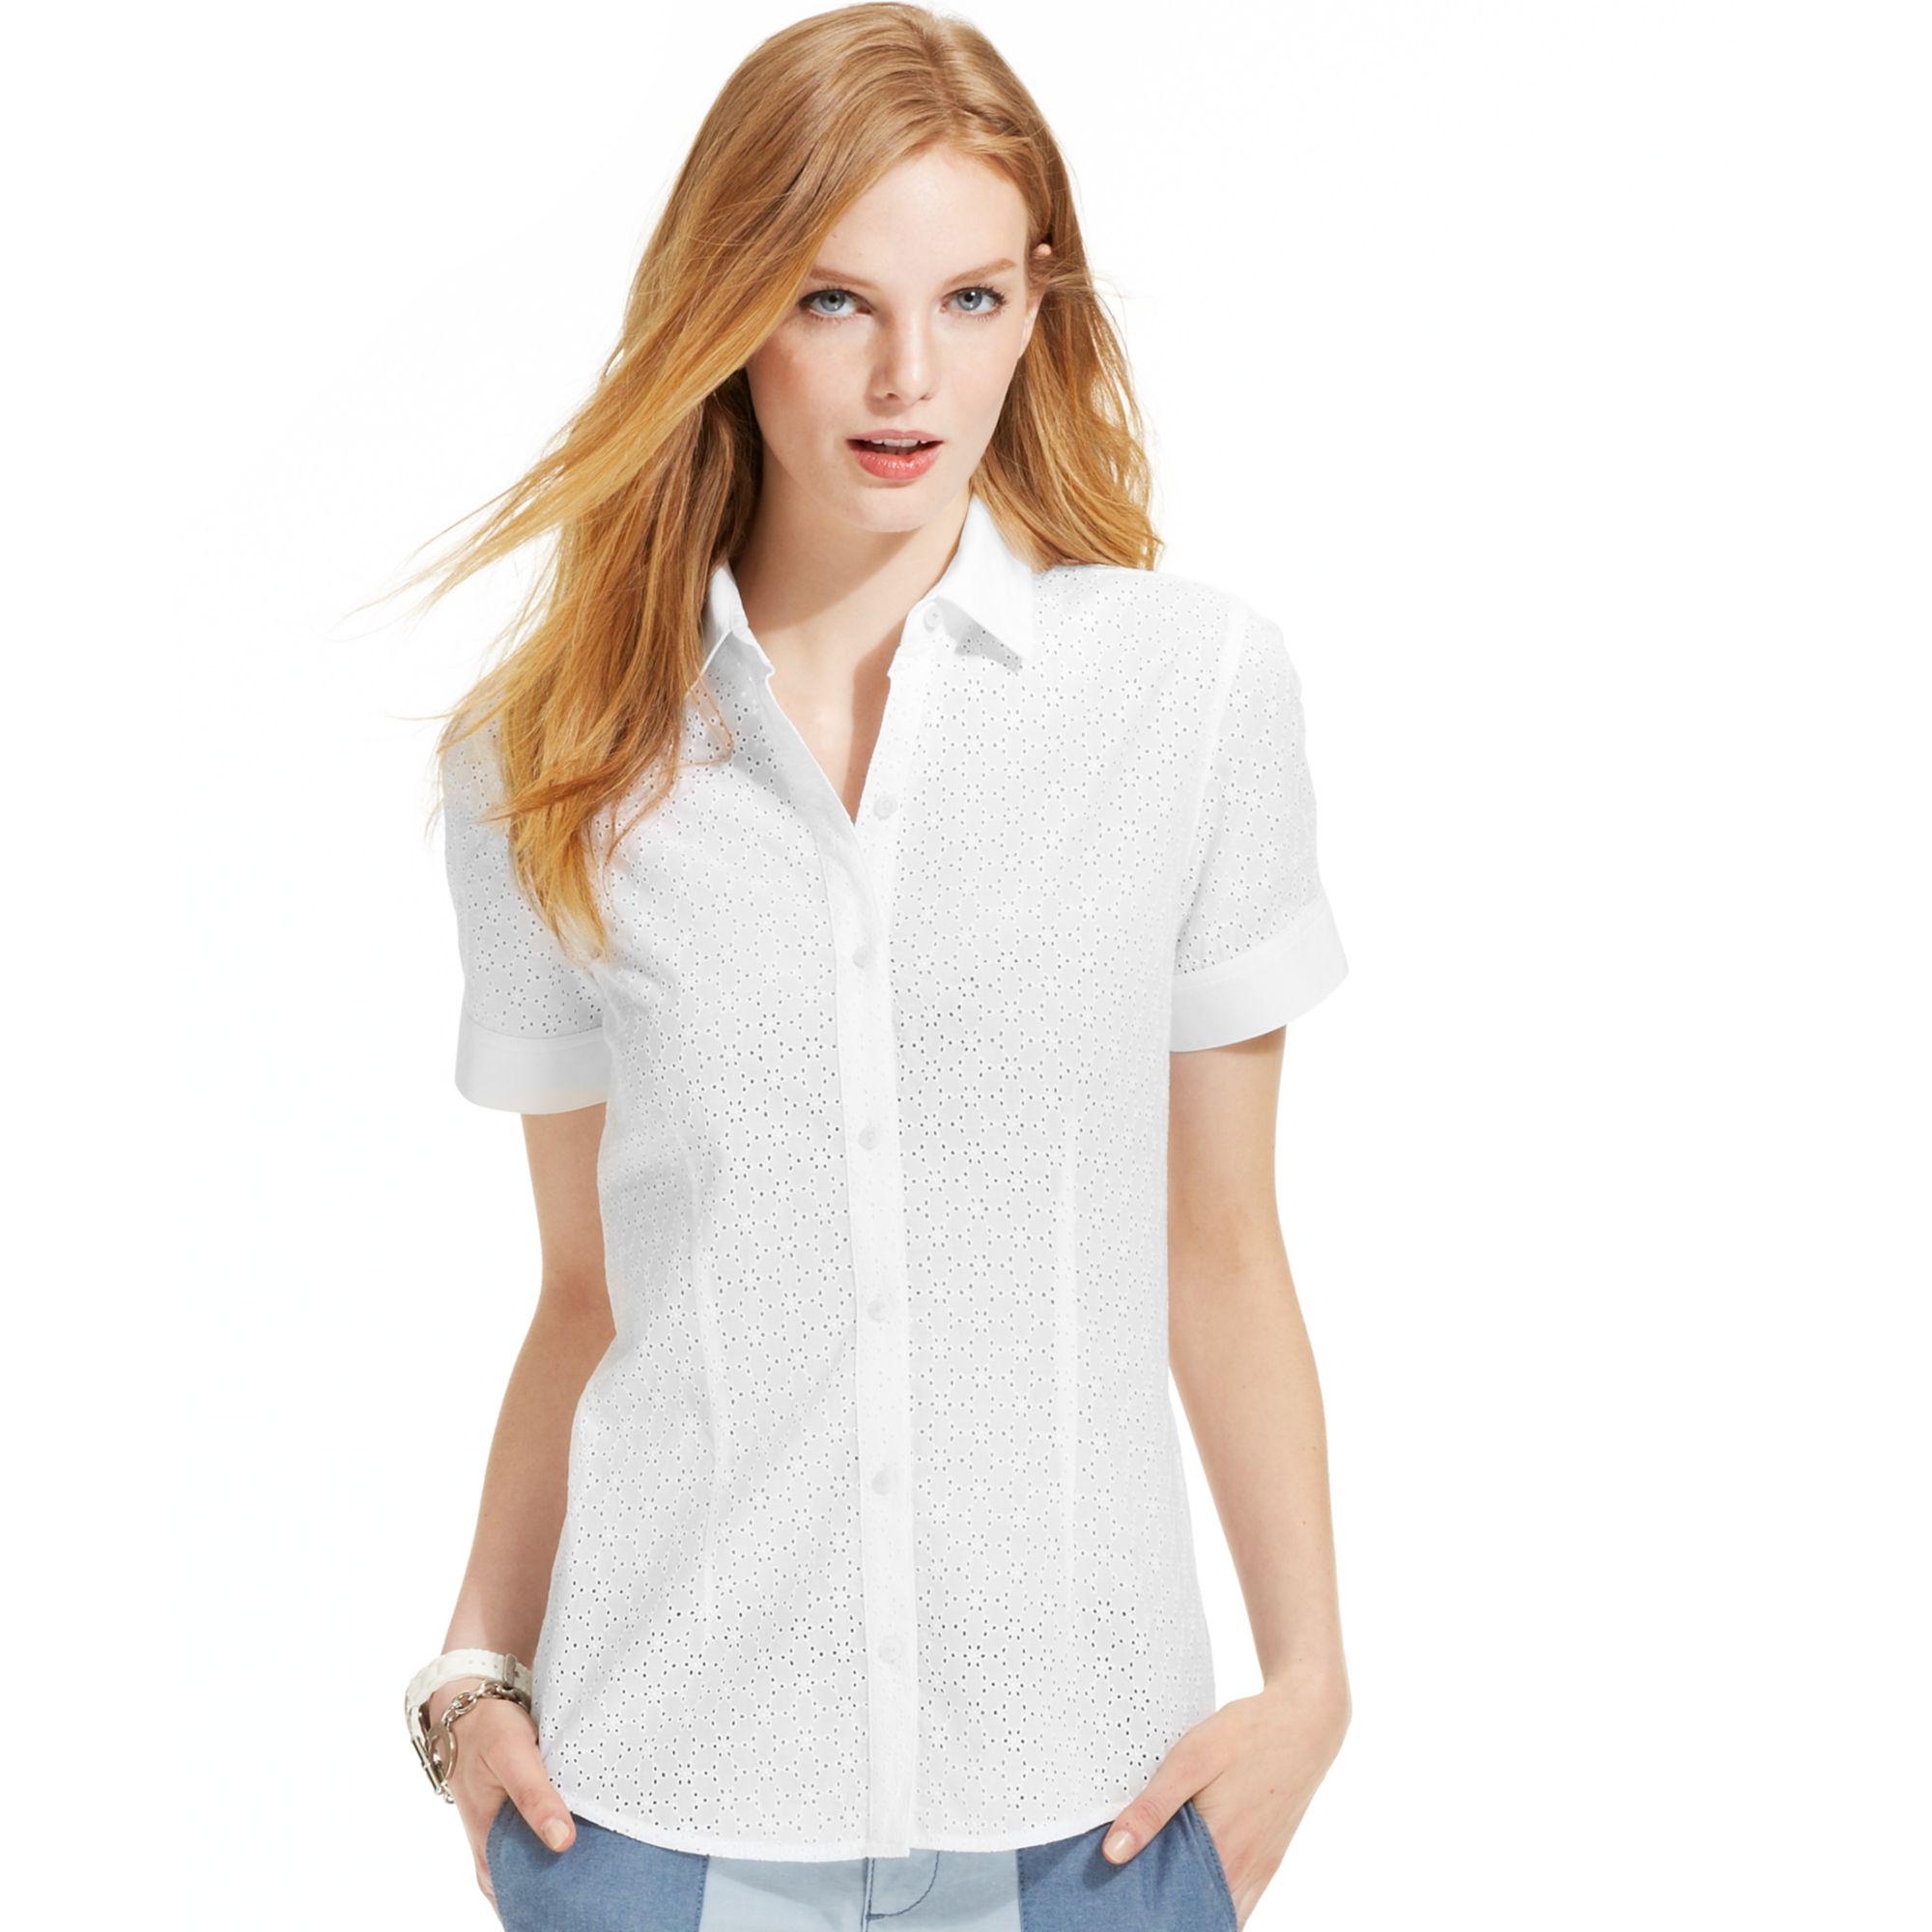 cd55e0d1 White Button Up Short Sleeve Shirt Womens